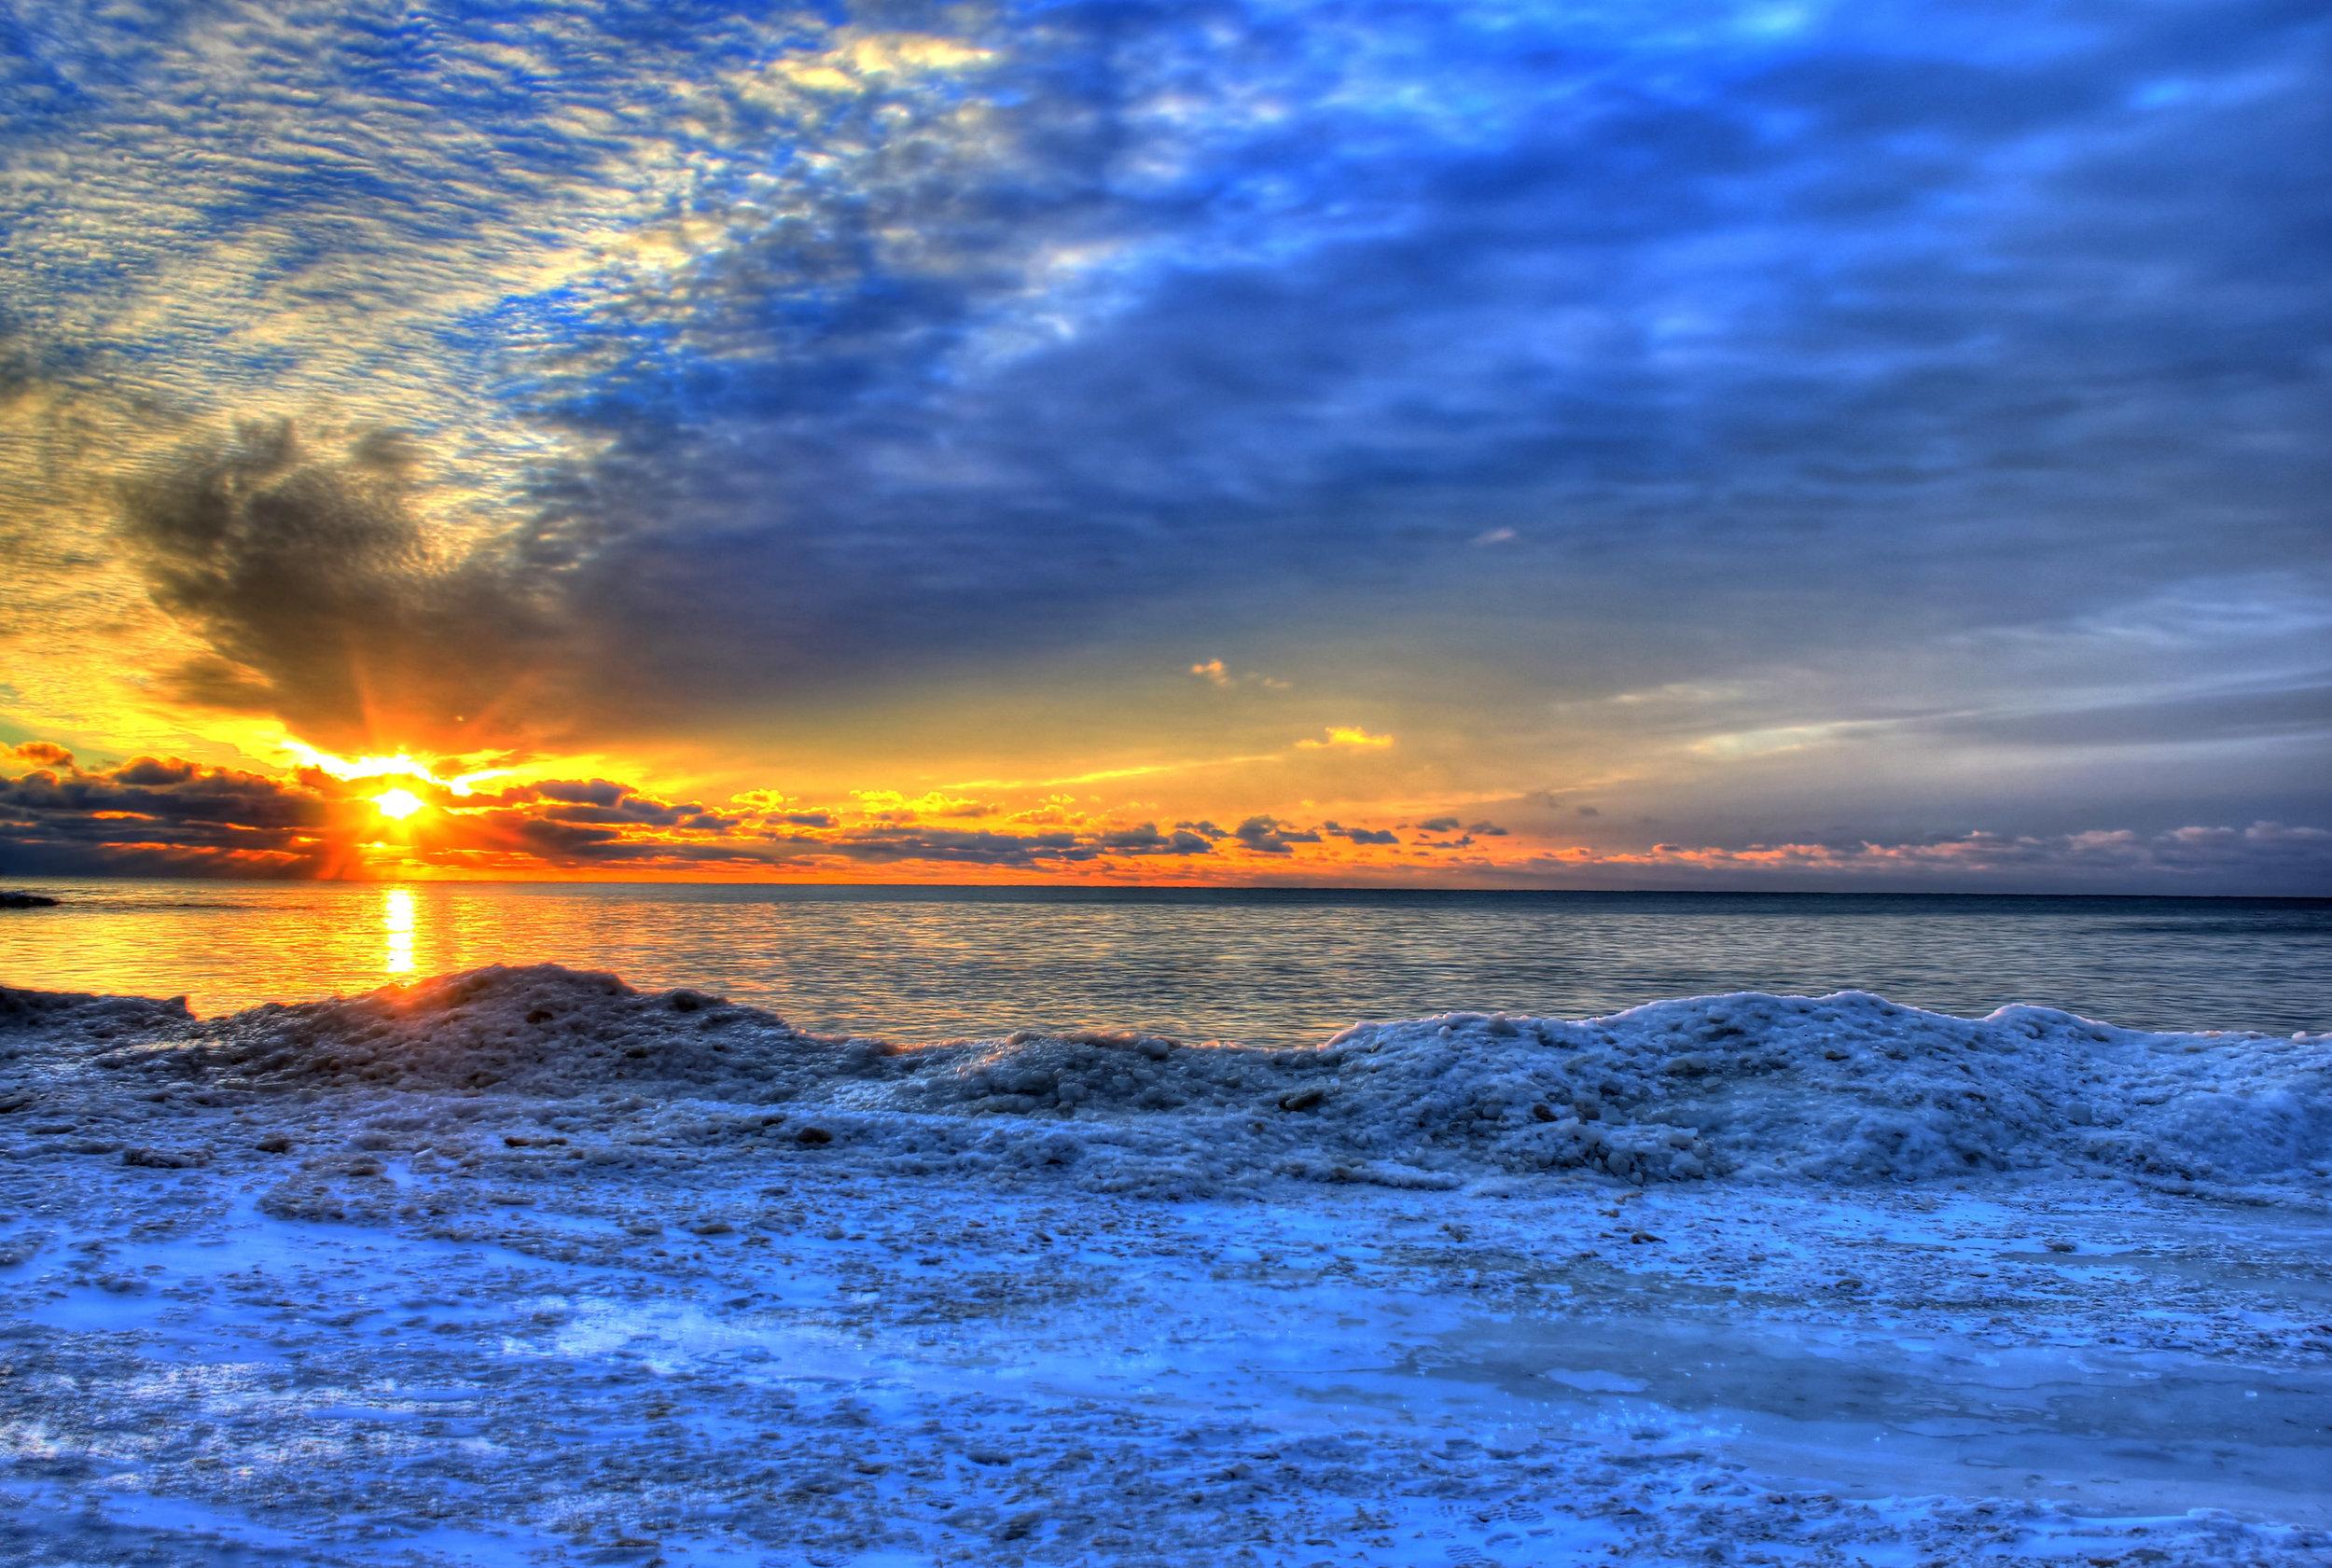 wisconsin-whitefish-dunes-state-park-sunrise-on-the-horizon.jpg